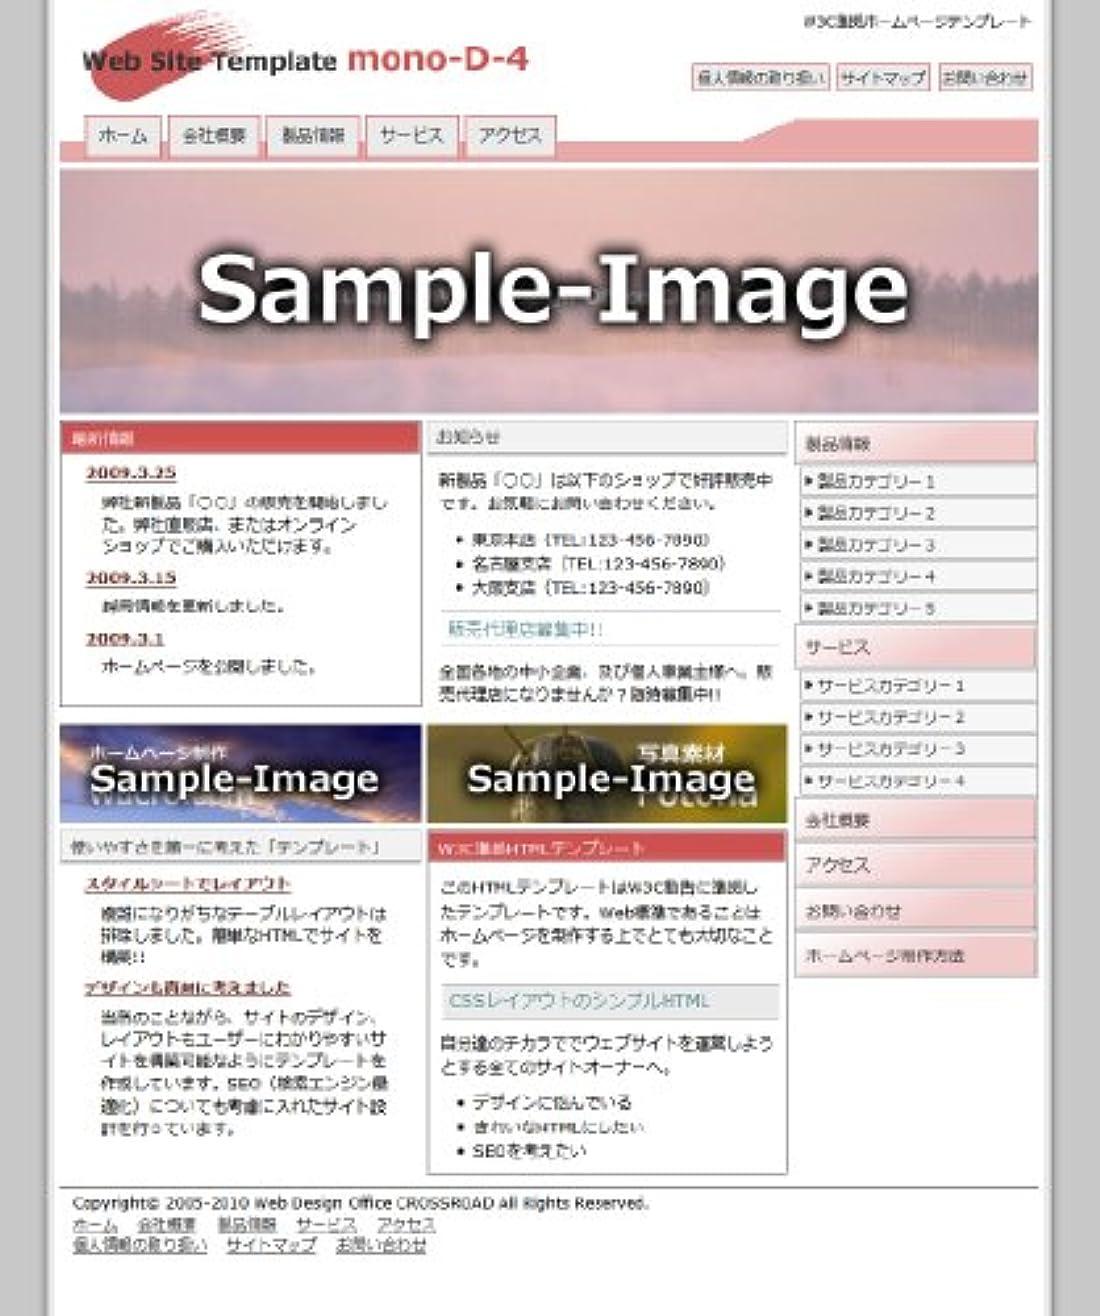 HTMLテンプレート(mono-D-4) [ダウンロード]